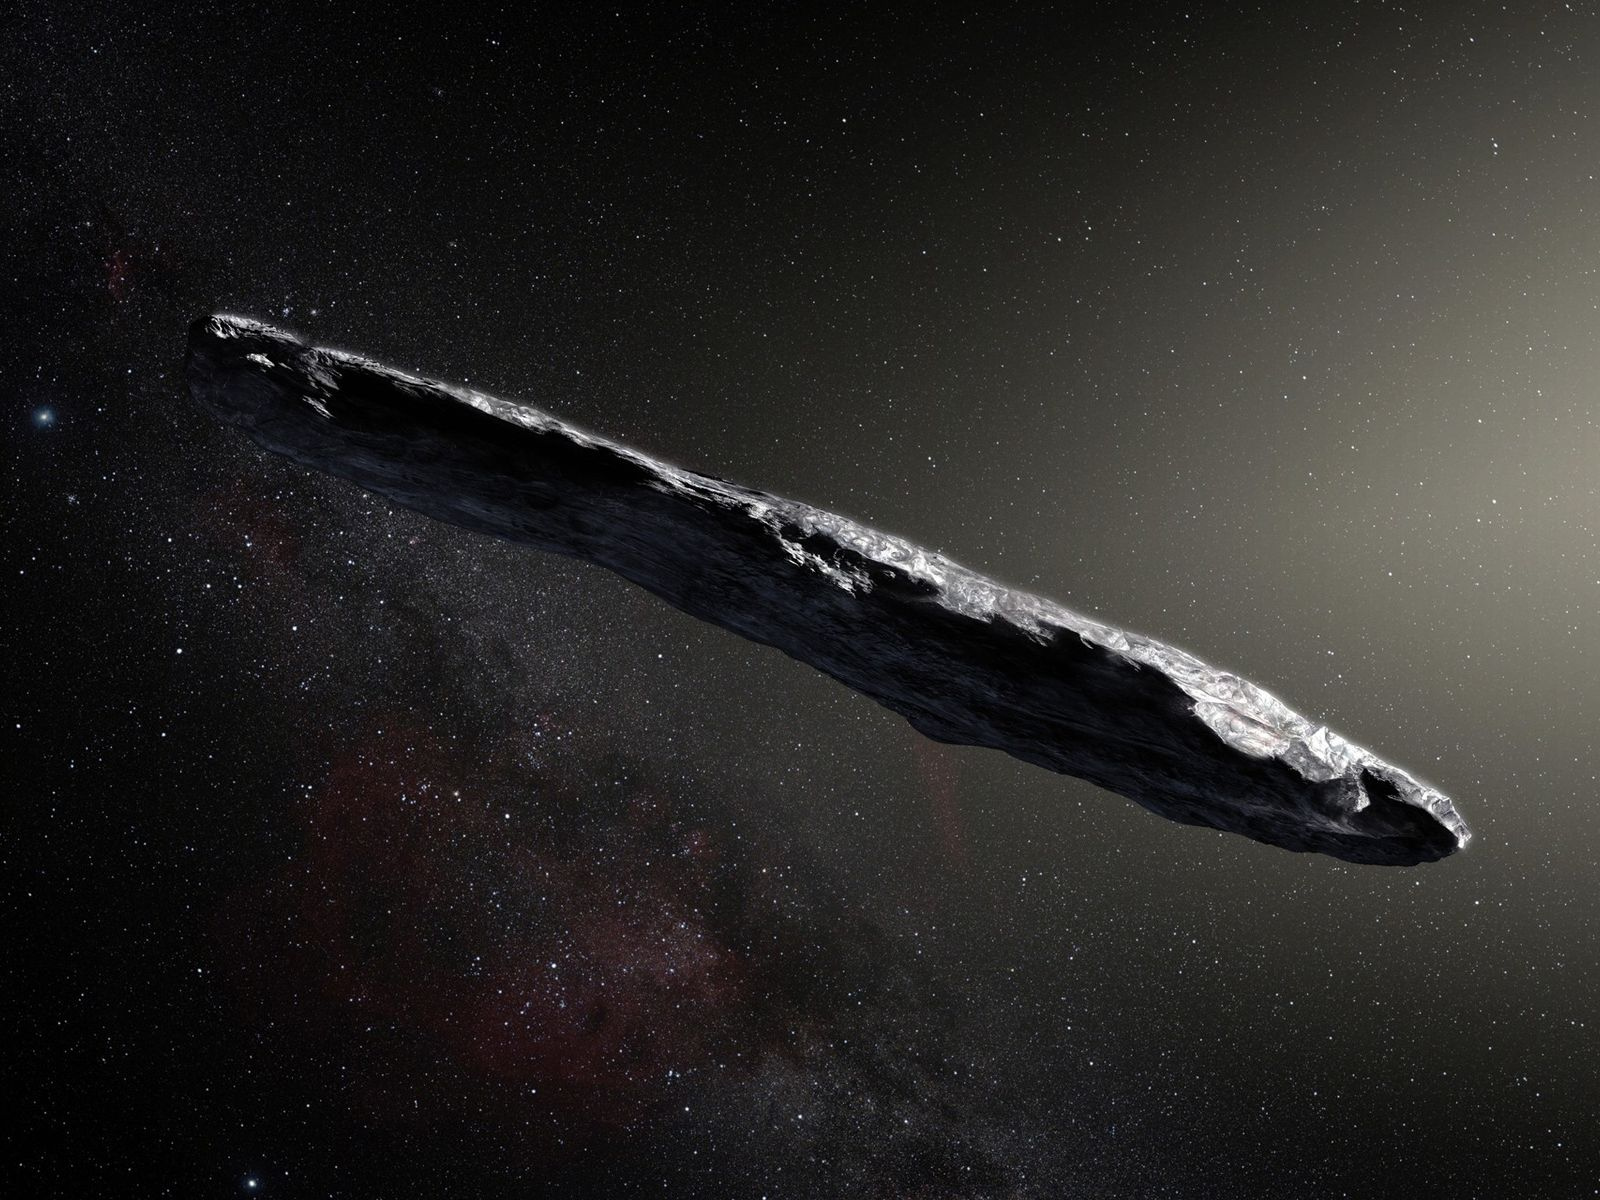 Esta representação mostra o primeiro objeto interestelar conhecido por atravessar o Sistema Solar: 'Oumuamua. O objeto ...